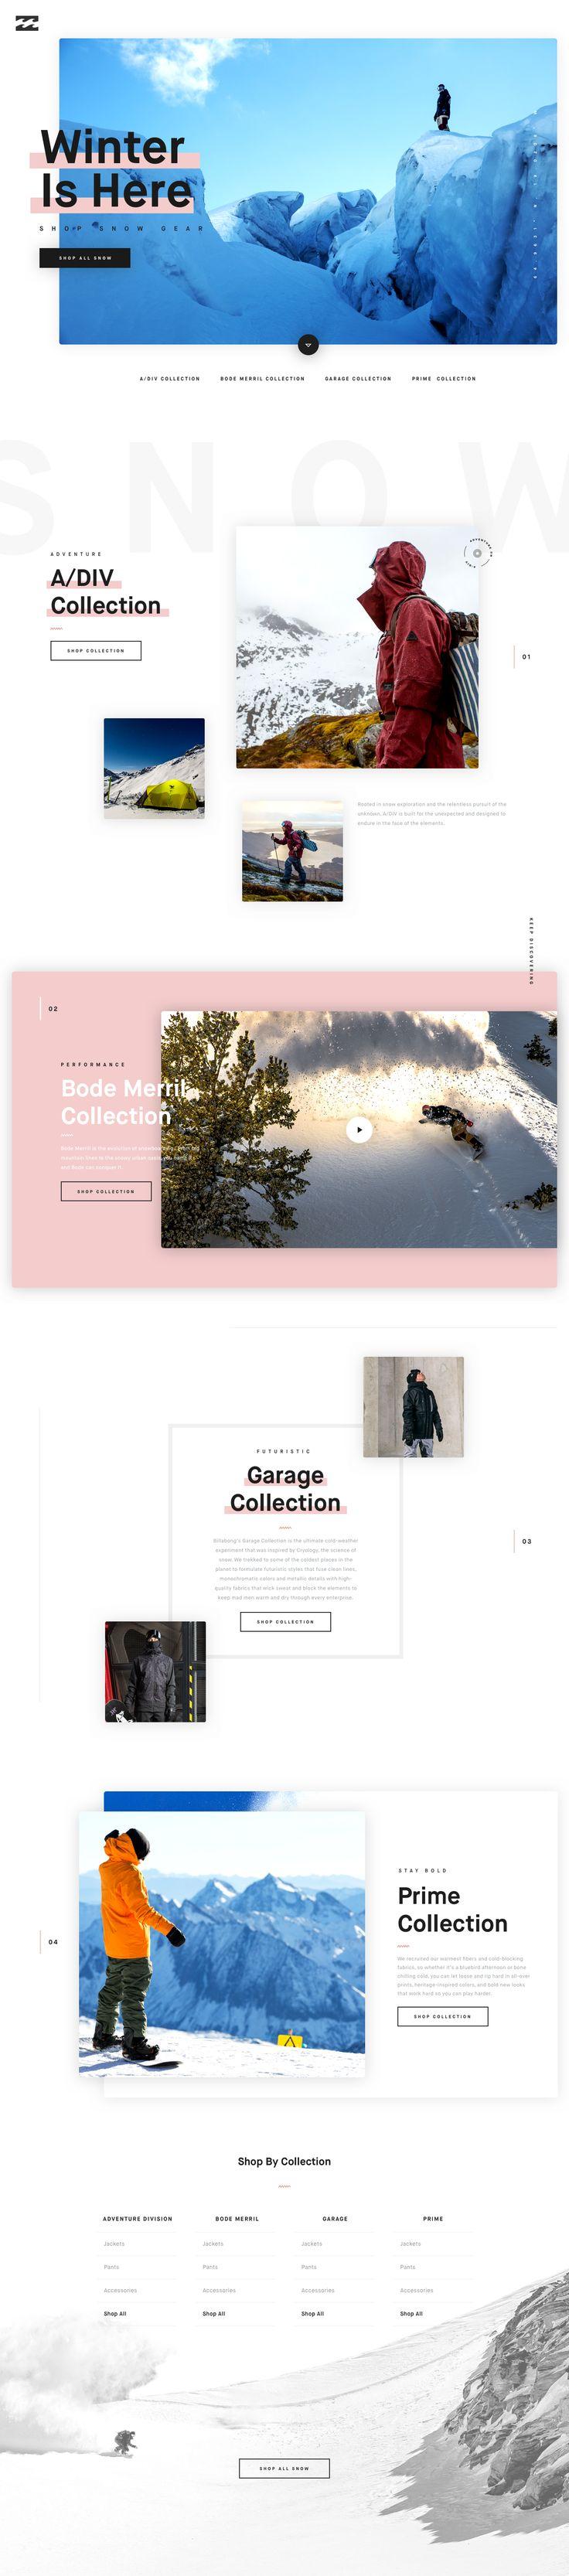 104 best Design Inspiration images on Pinterest | Design websites ...